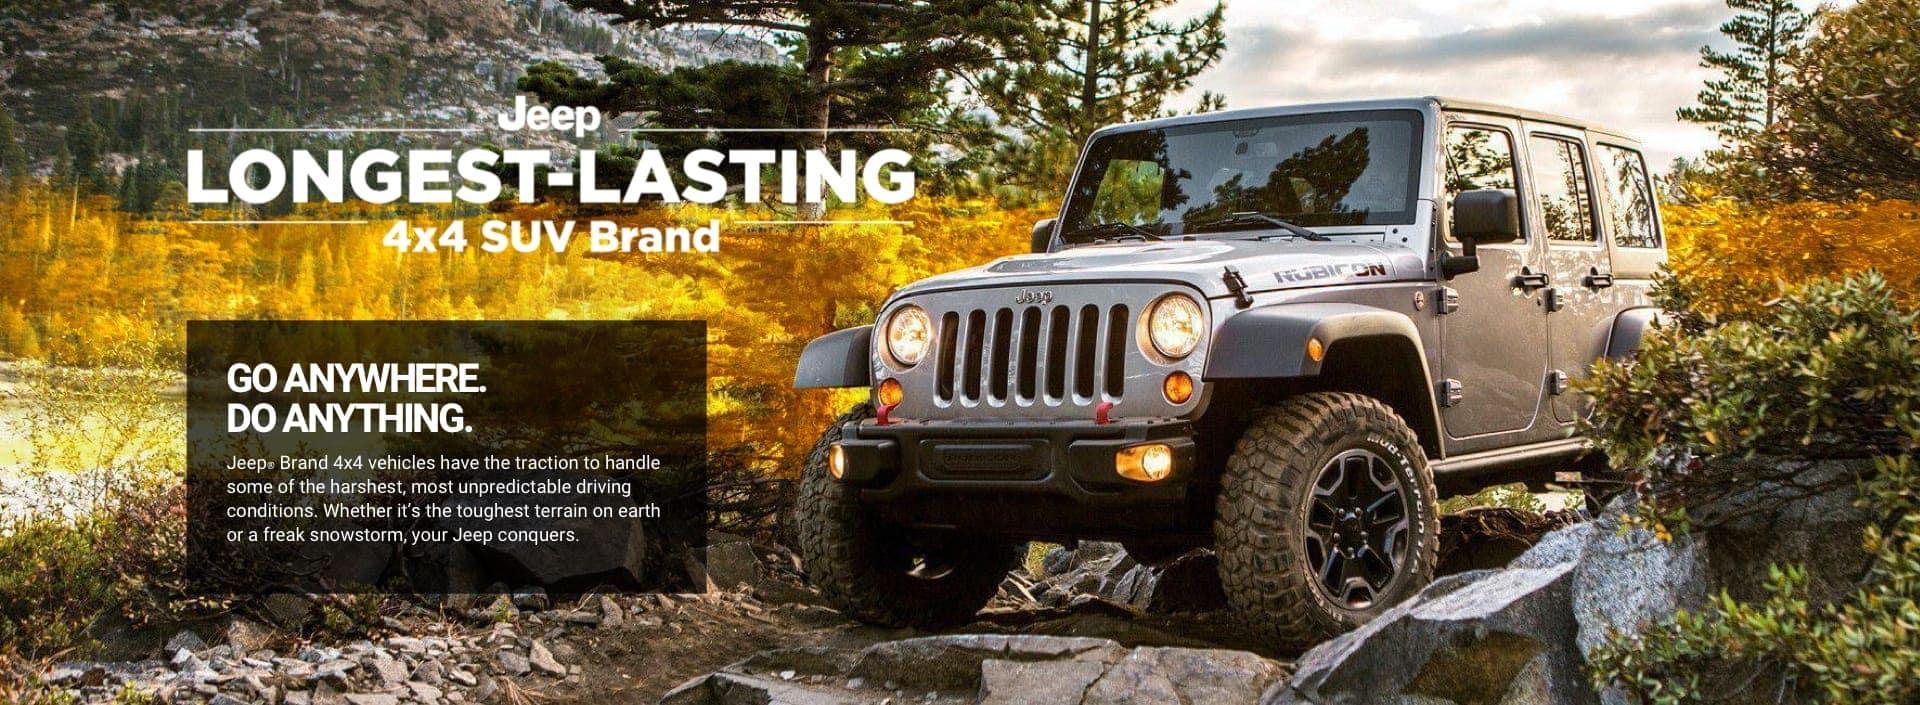 Jeep Wrangler banner